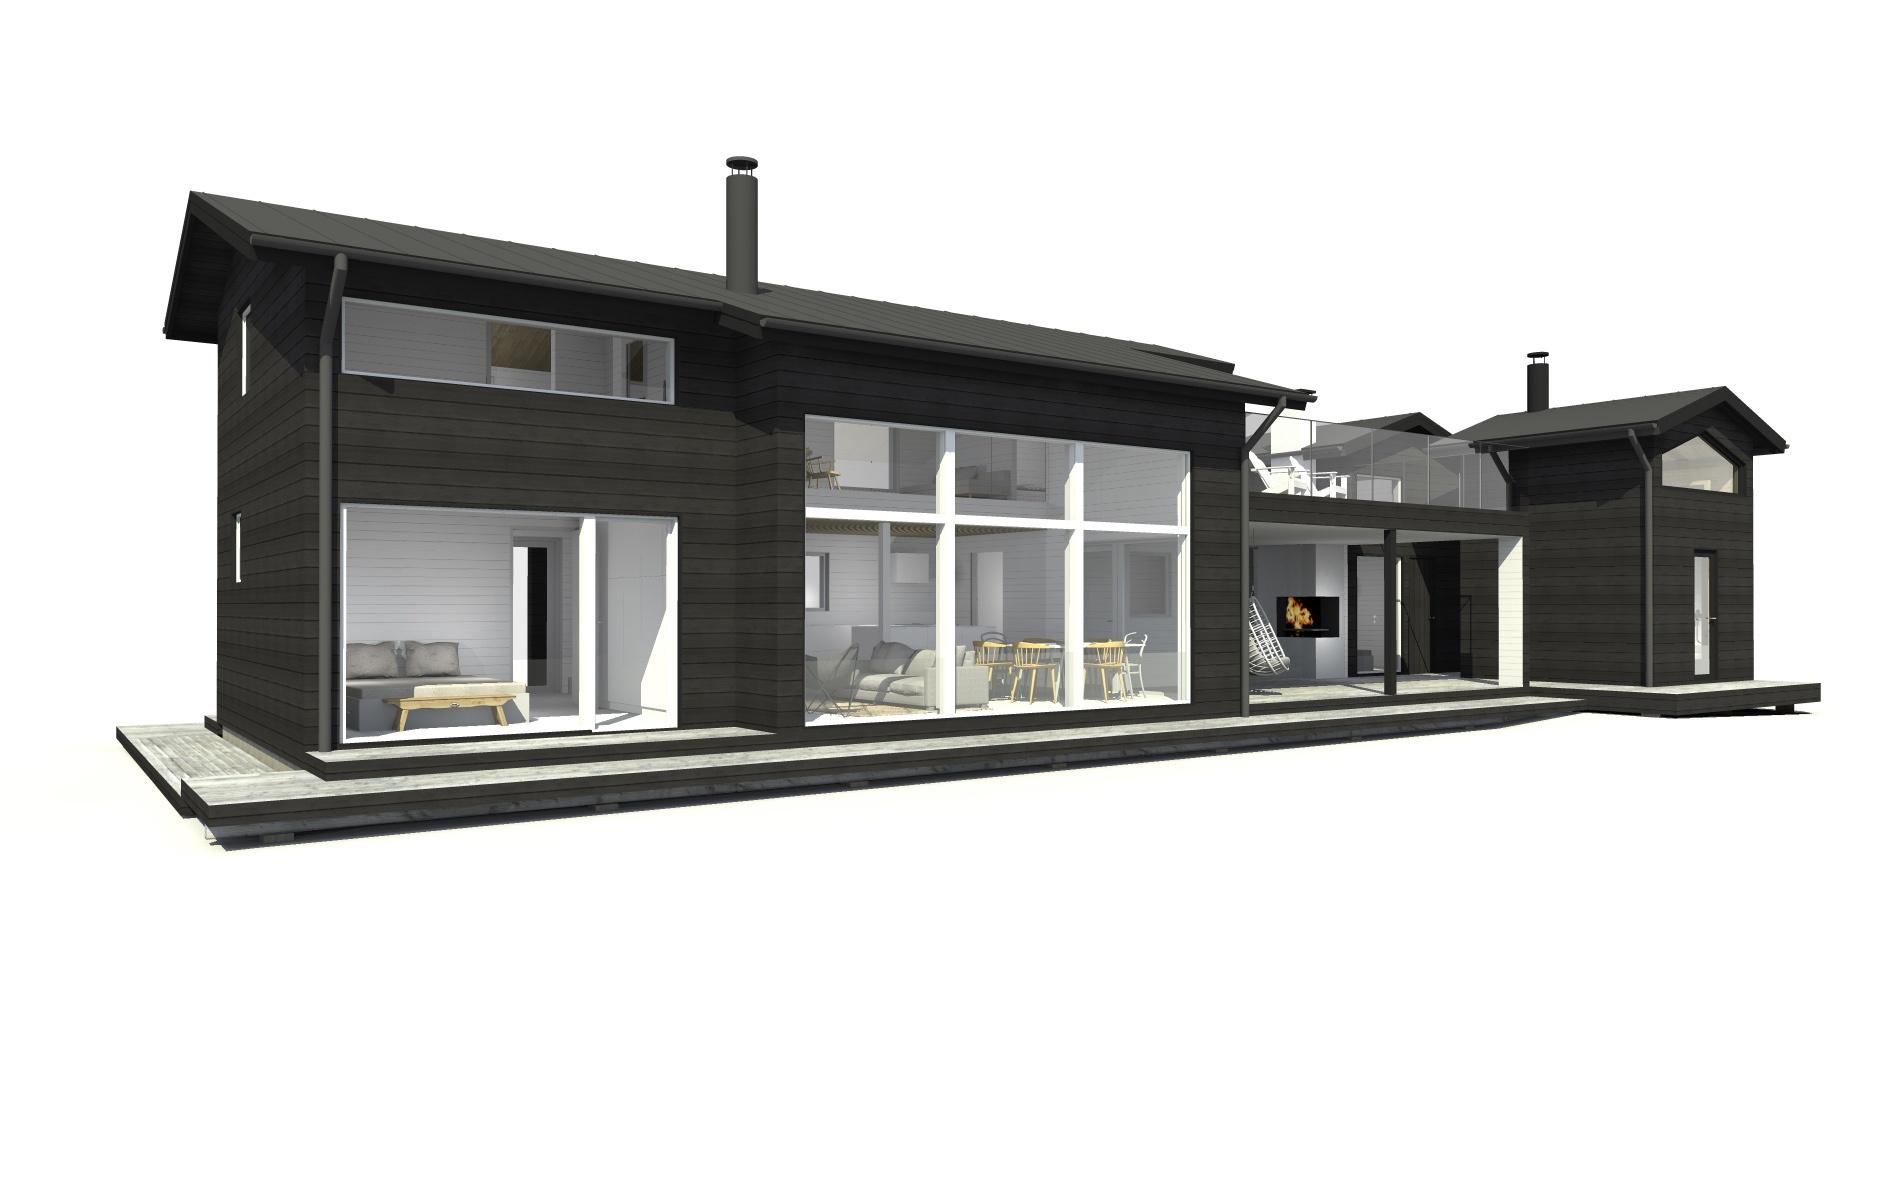 Sunhouse Linjakkaat talot S355_72ppi (4).jpg